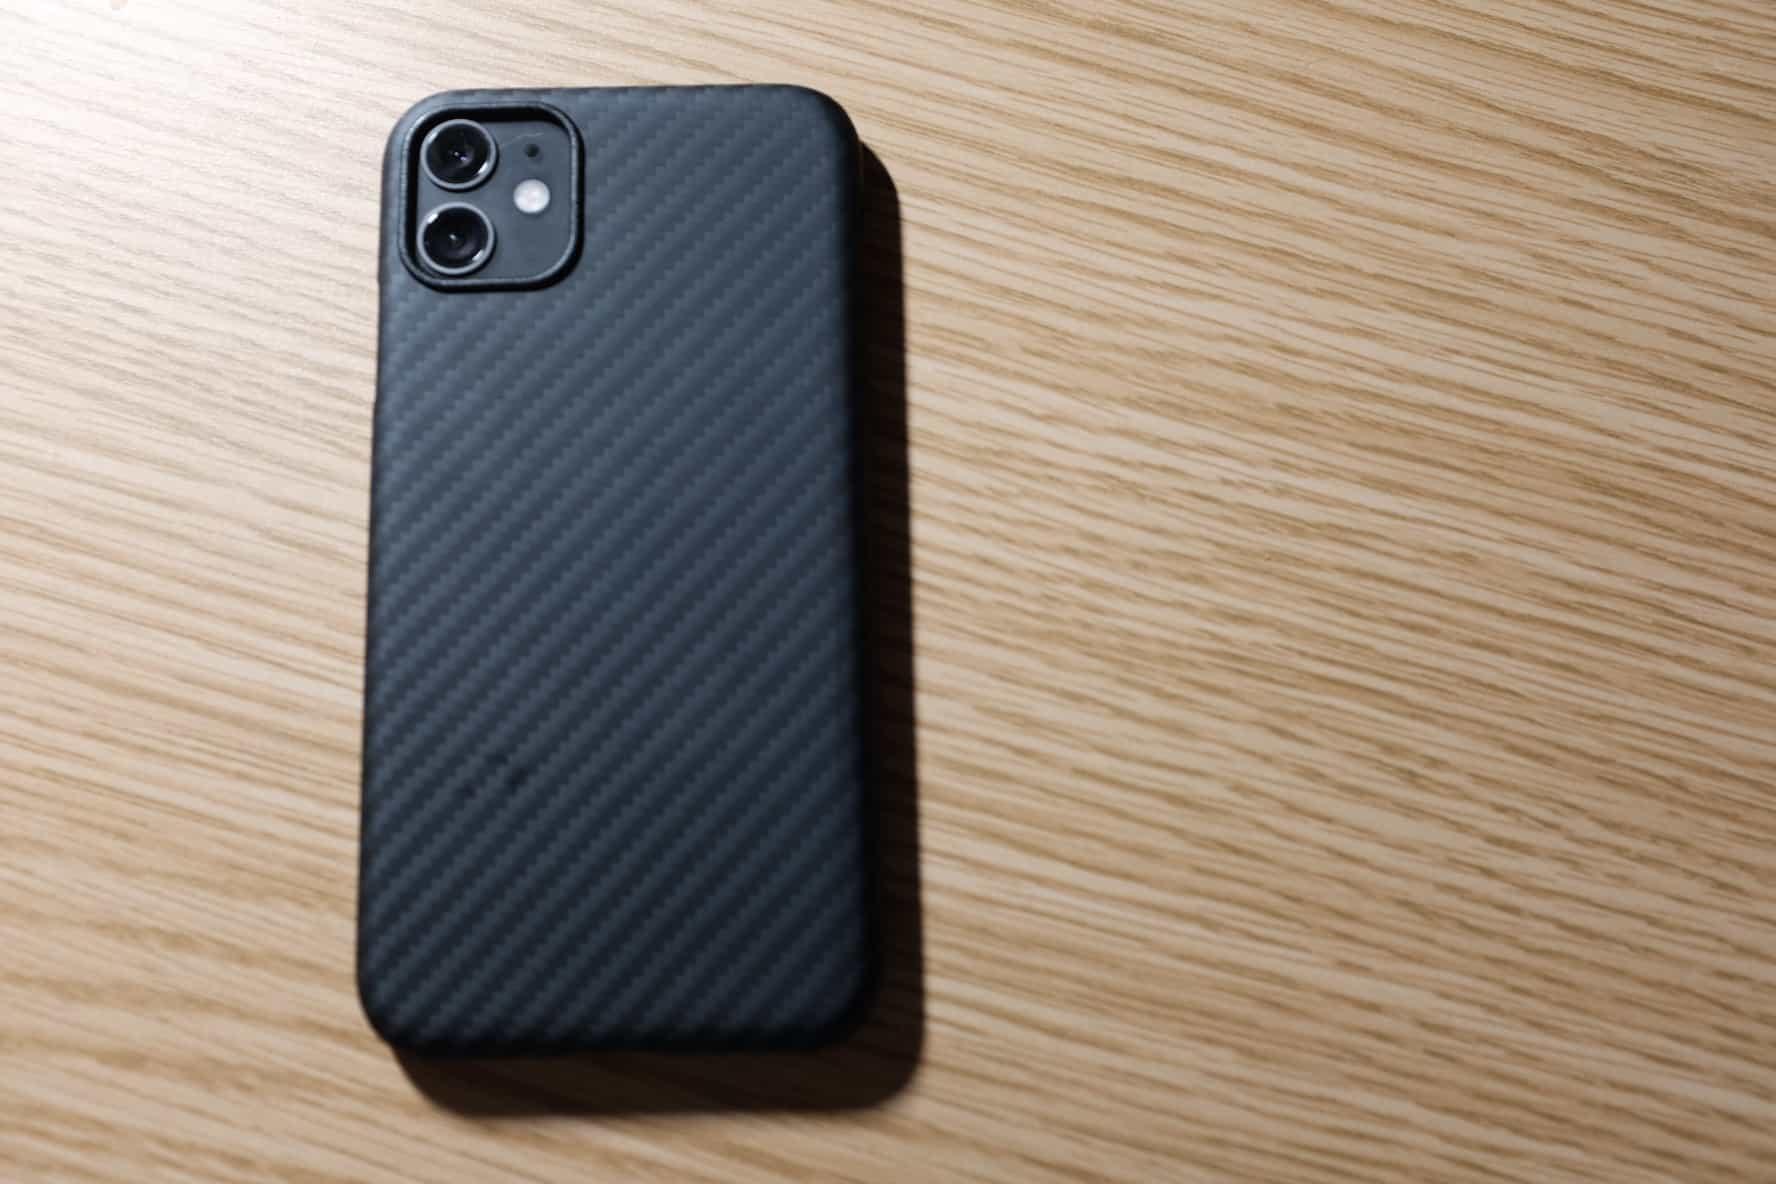 極薄!iPhone 11 用にアラミド繊維「PITAKA」のケースを購入しました